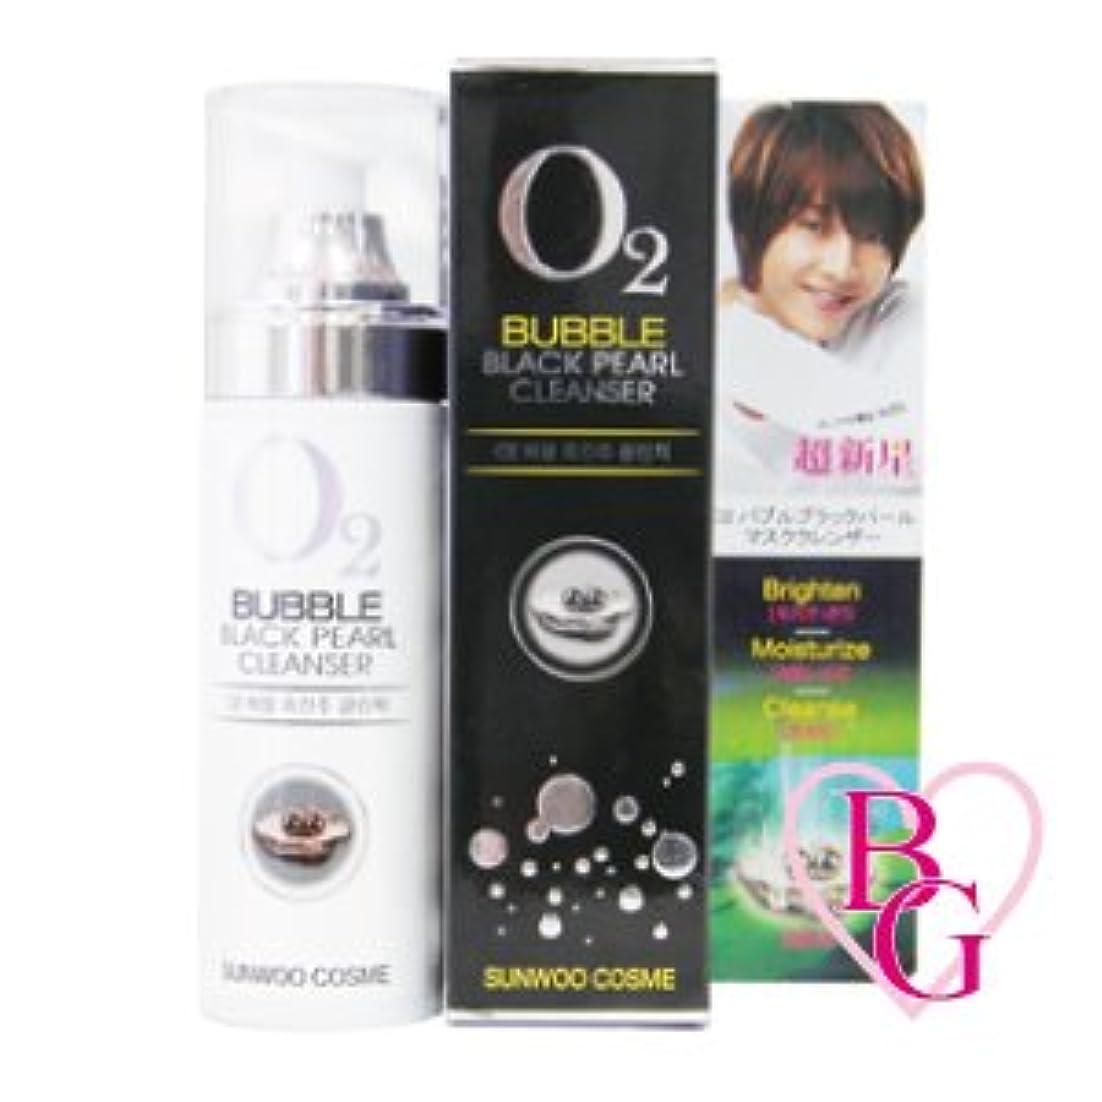 不器用野な交流するタレント化粧品 O2バブルブラックパール マスククレンザー 120ml